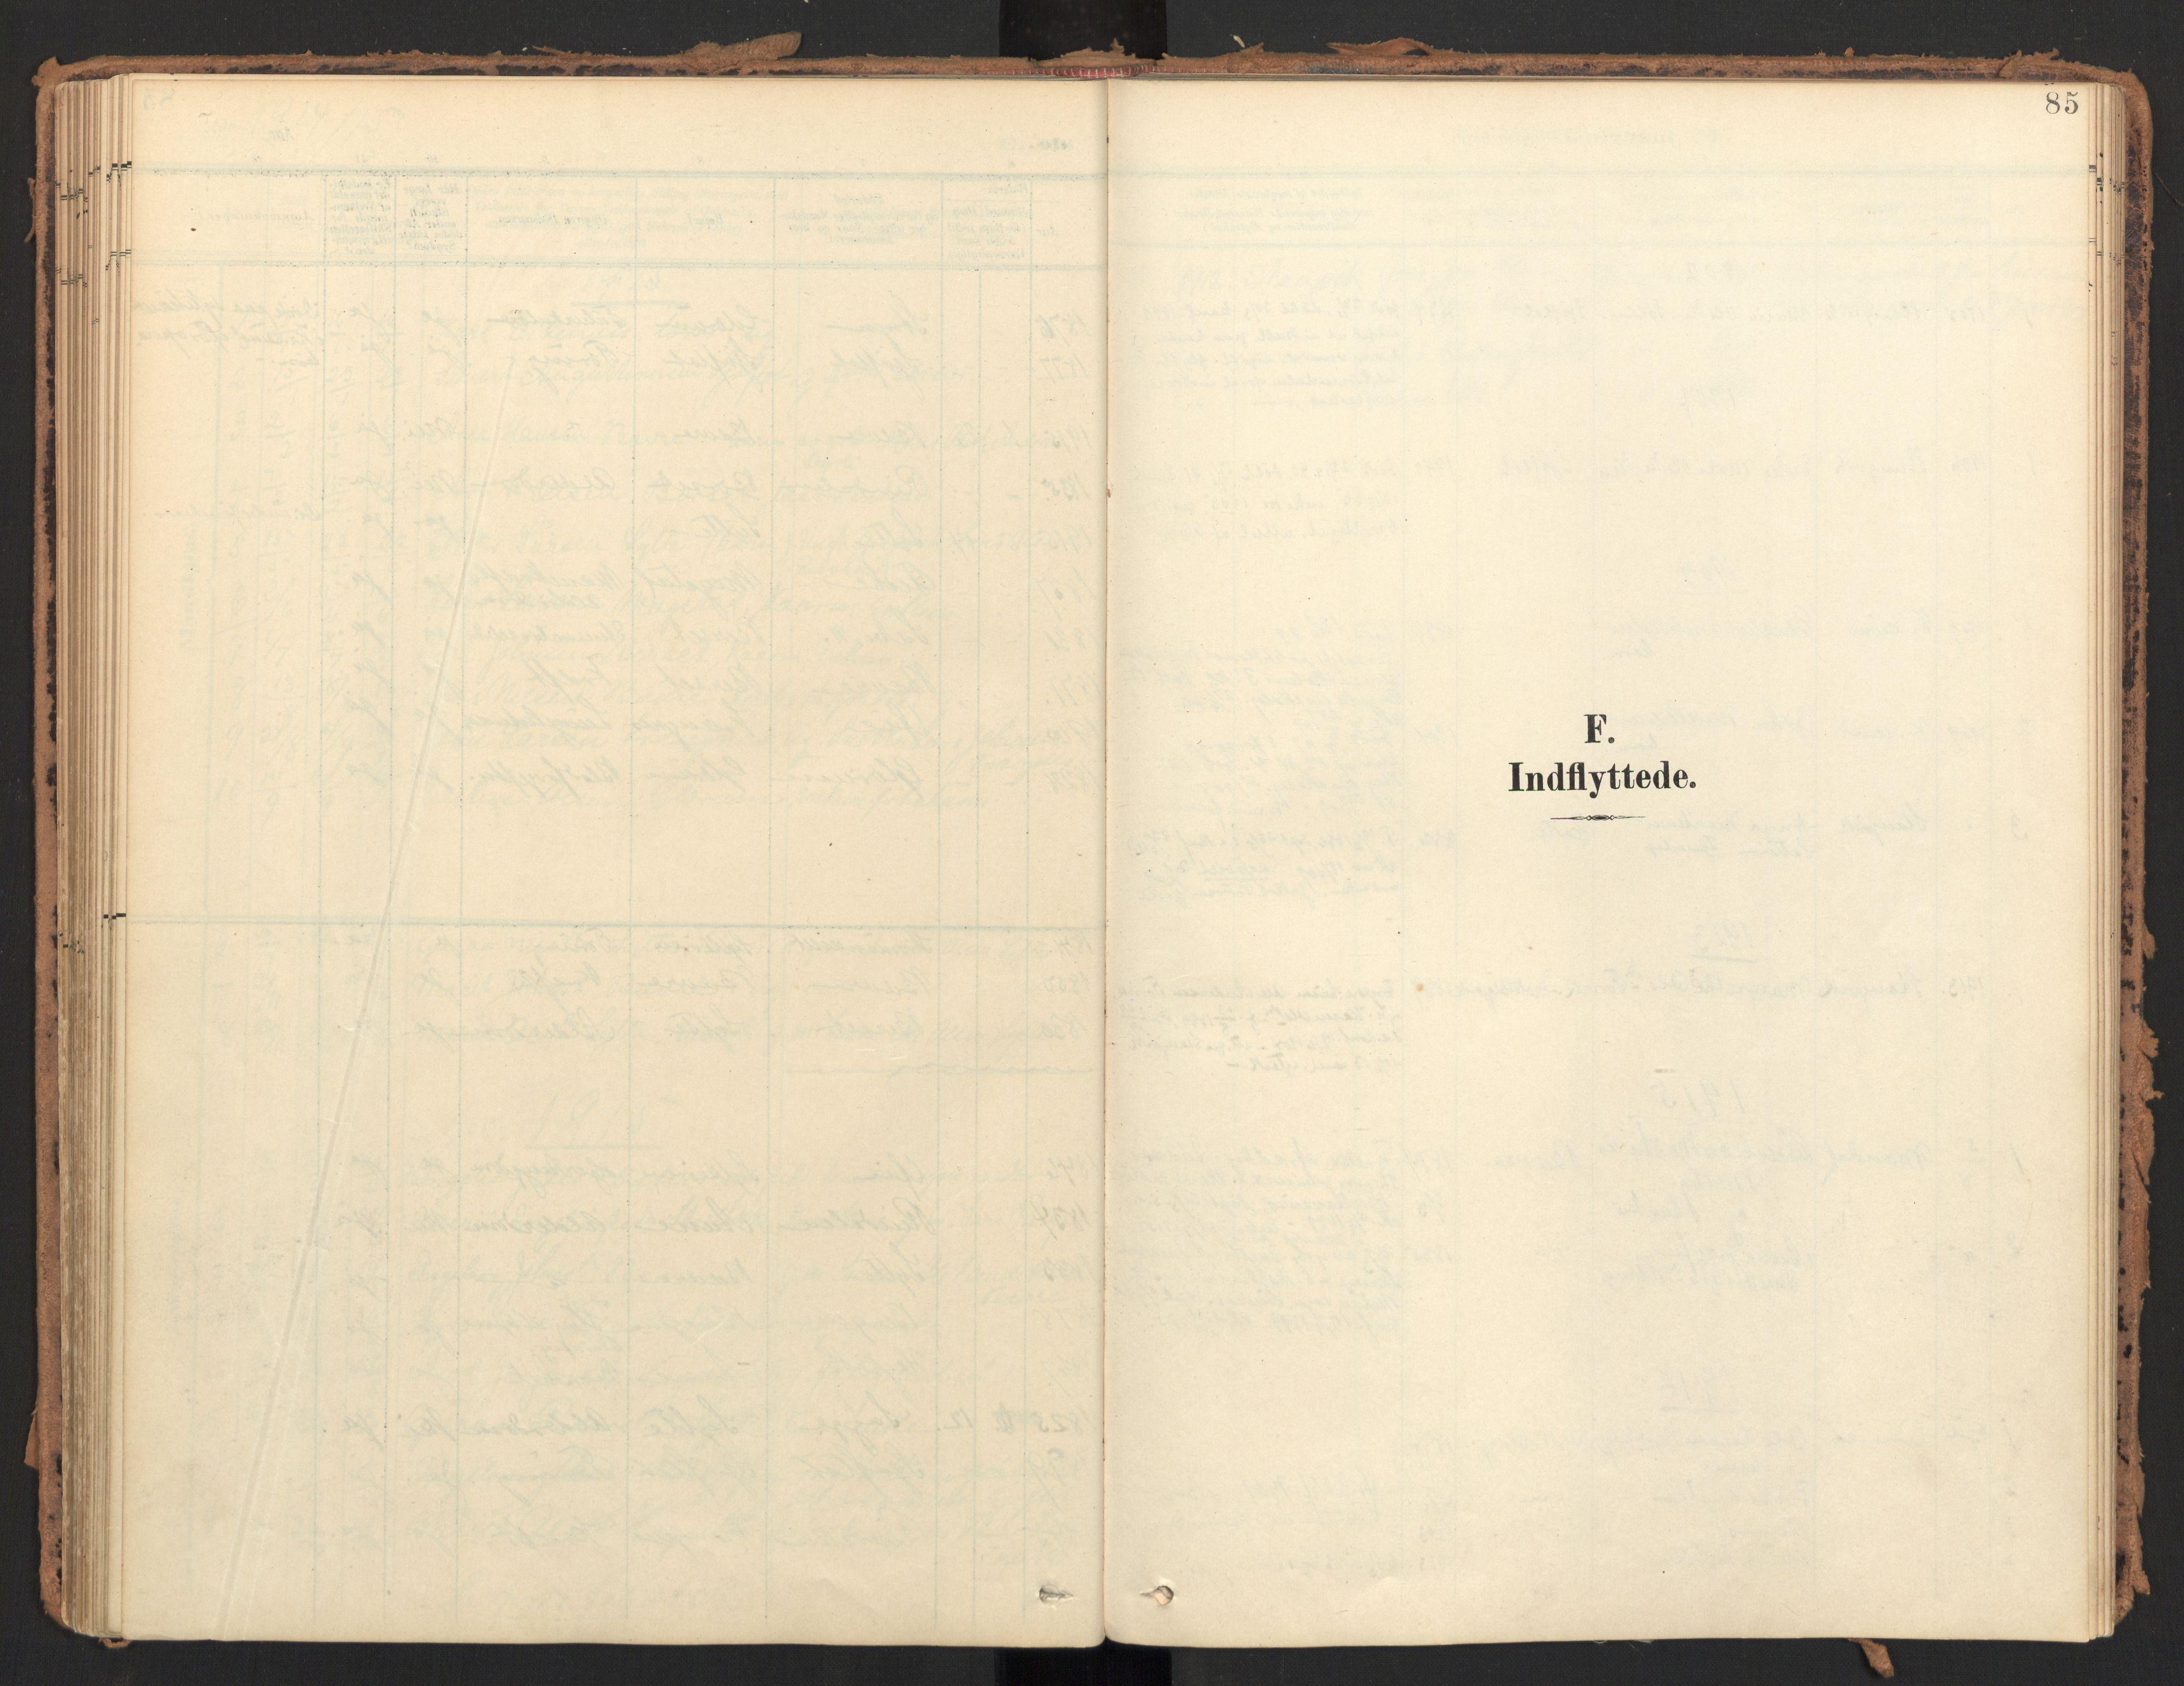 SAT, Ministerialprotokoller, klokkerbøker og fødselsregistre - Møre og Romsdal, 595/L1048: Ministerialbok nr. 595A10, 1900-1917, s. 85